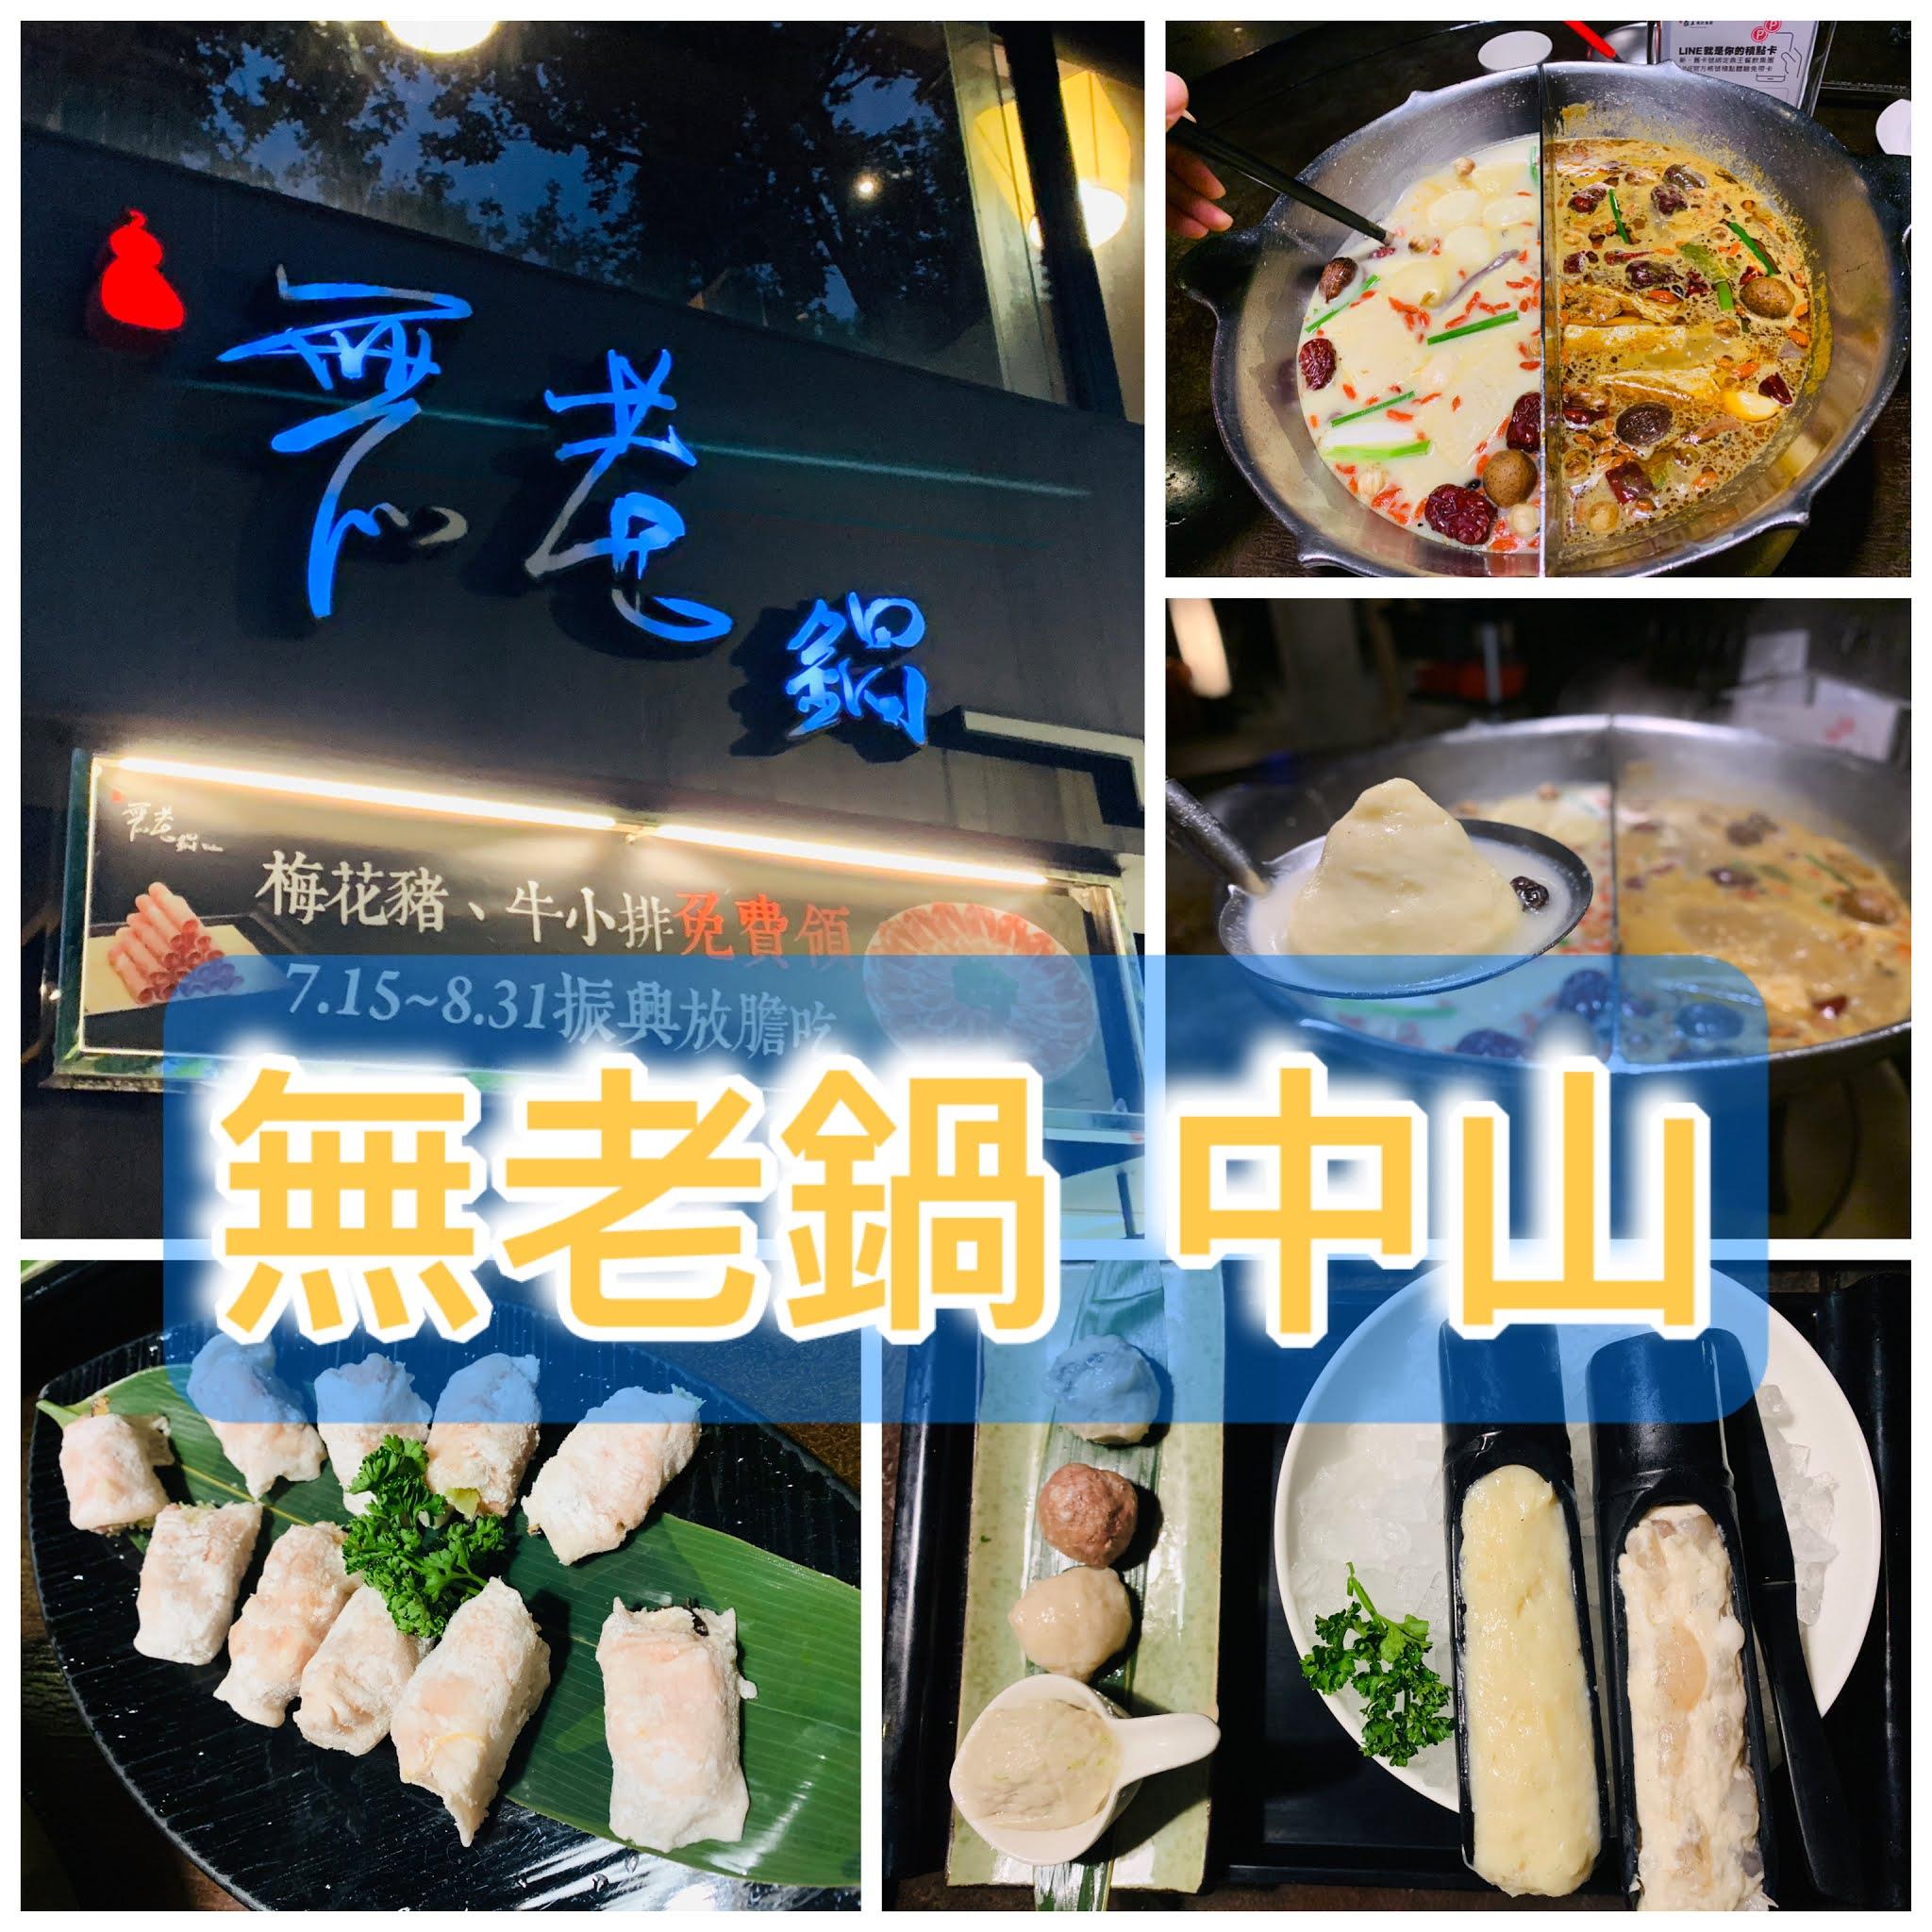 無老鍋|台北中山店|用餐資訊